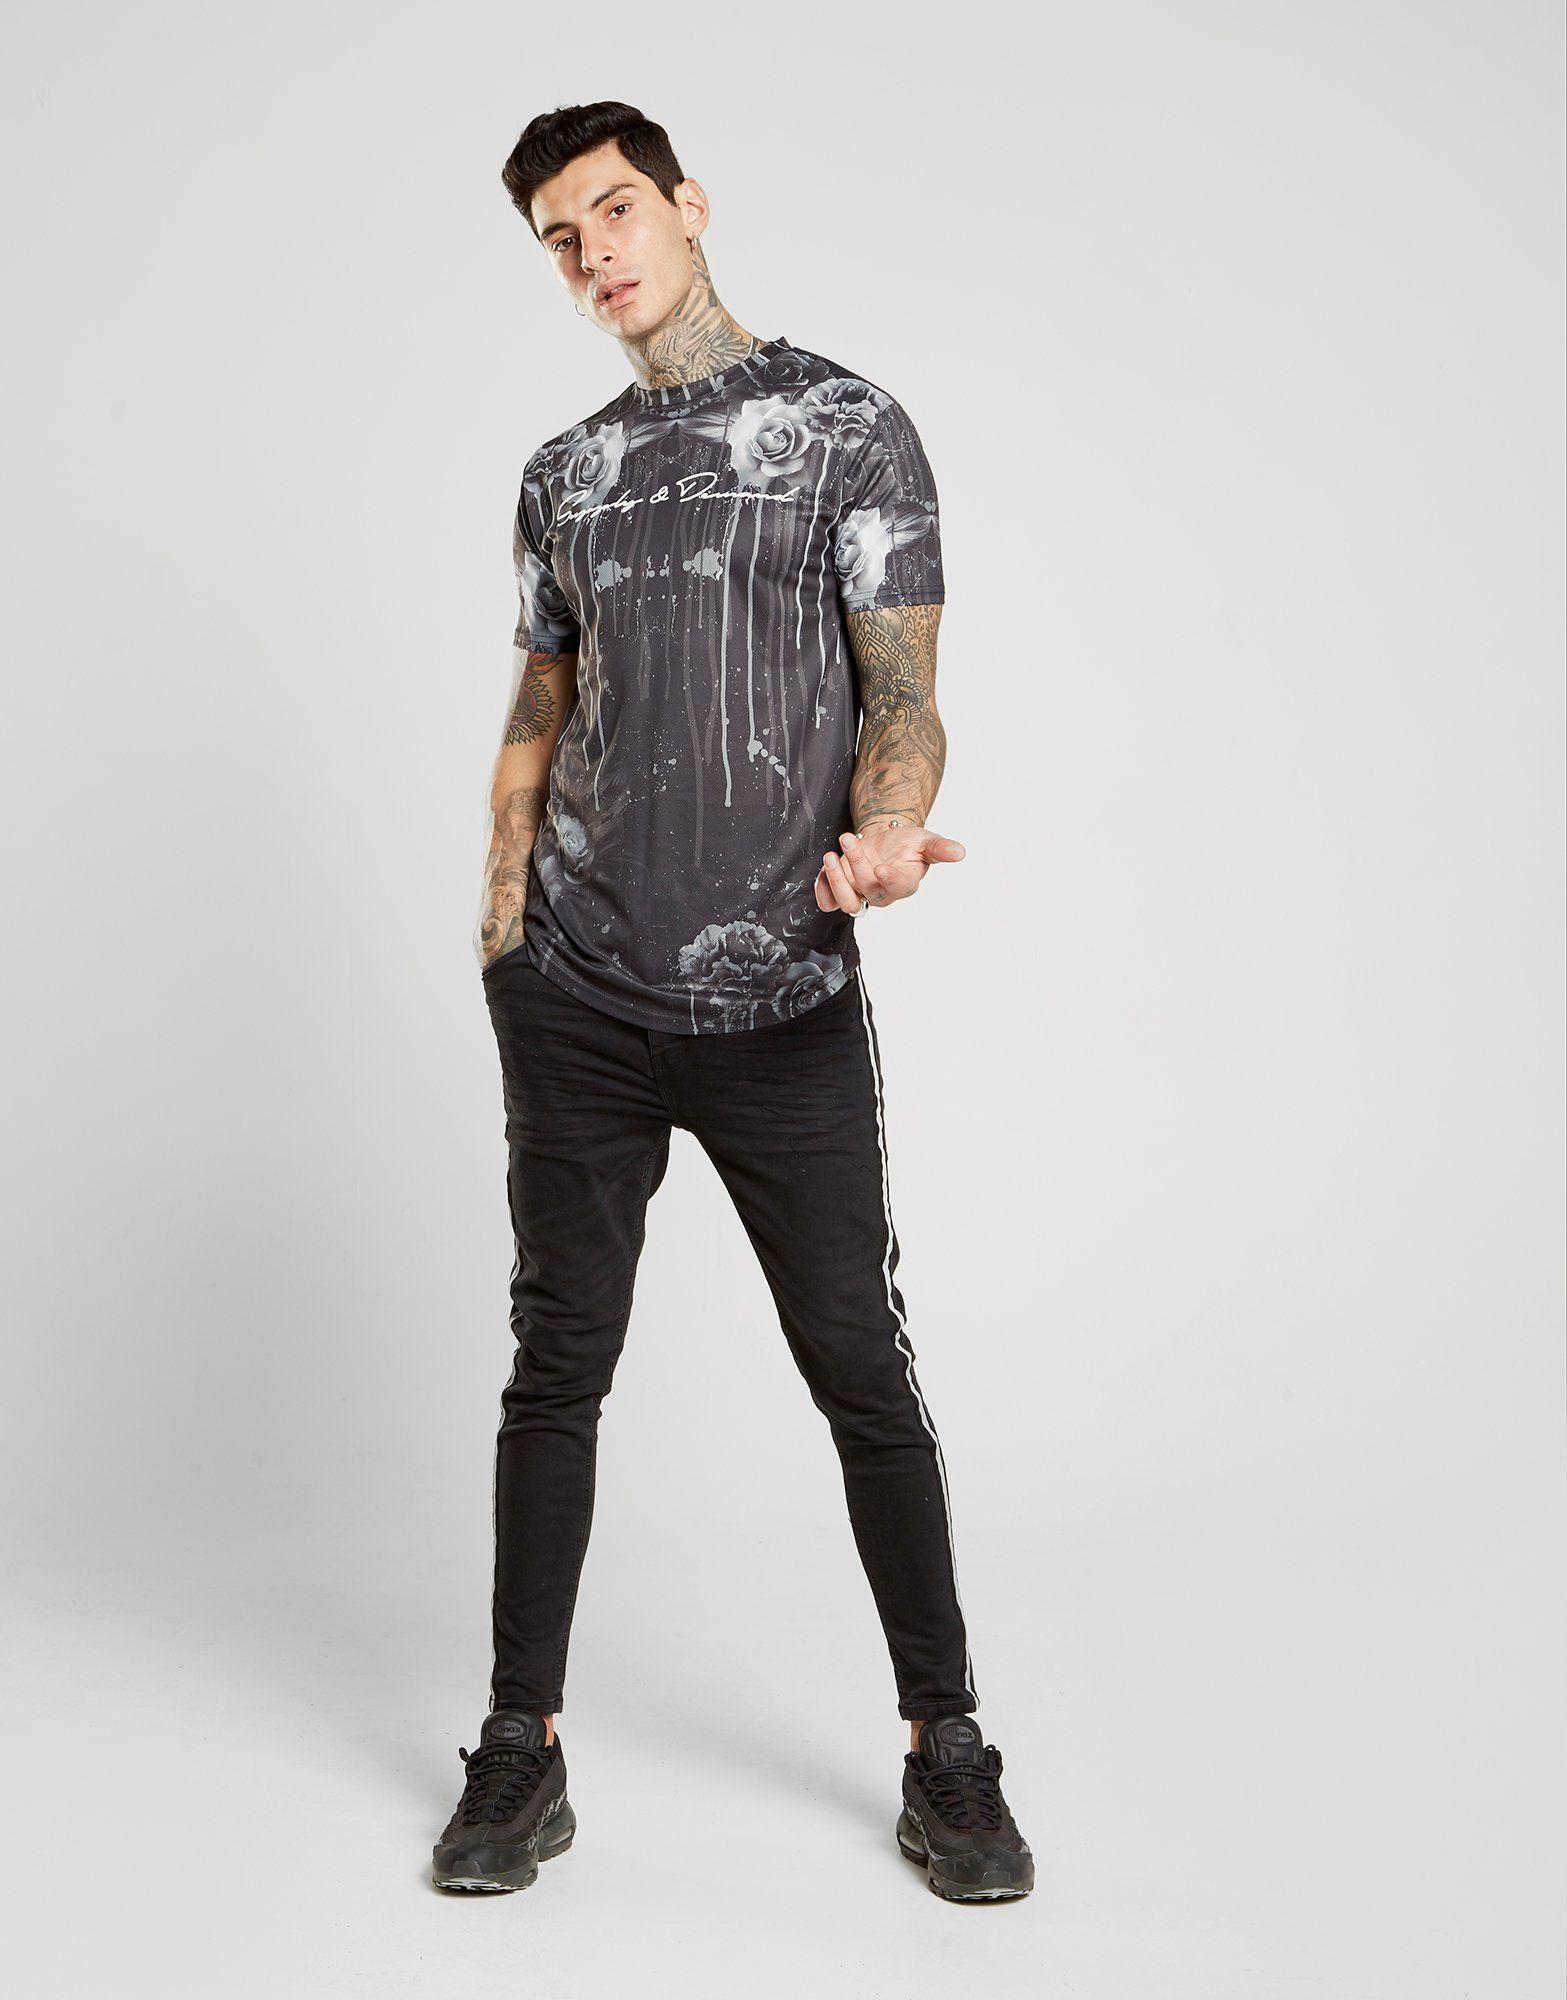 Supply & Demand Gravity T-Shirt